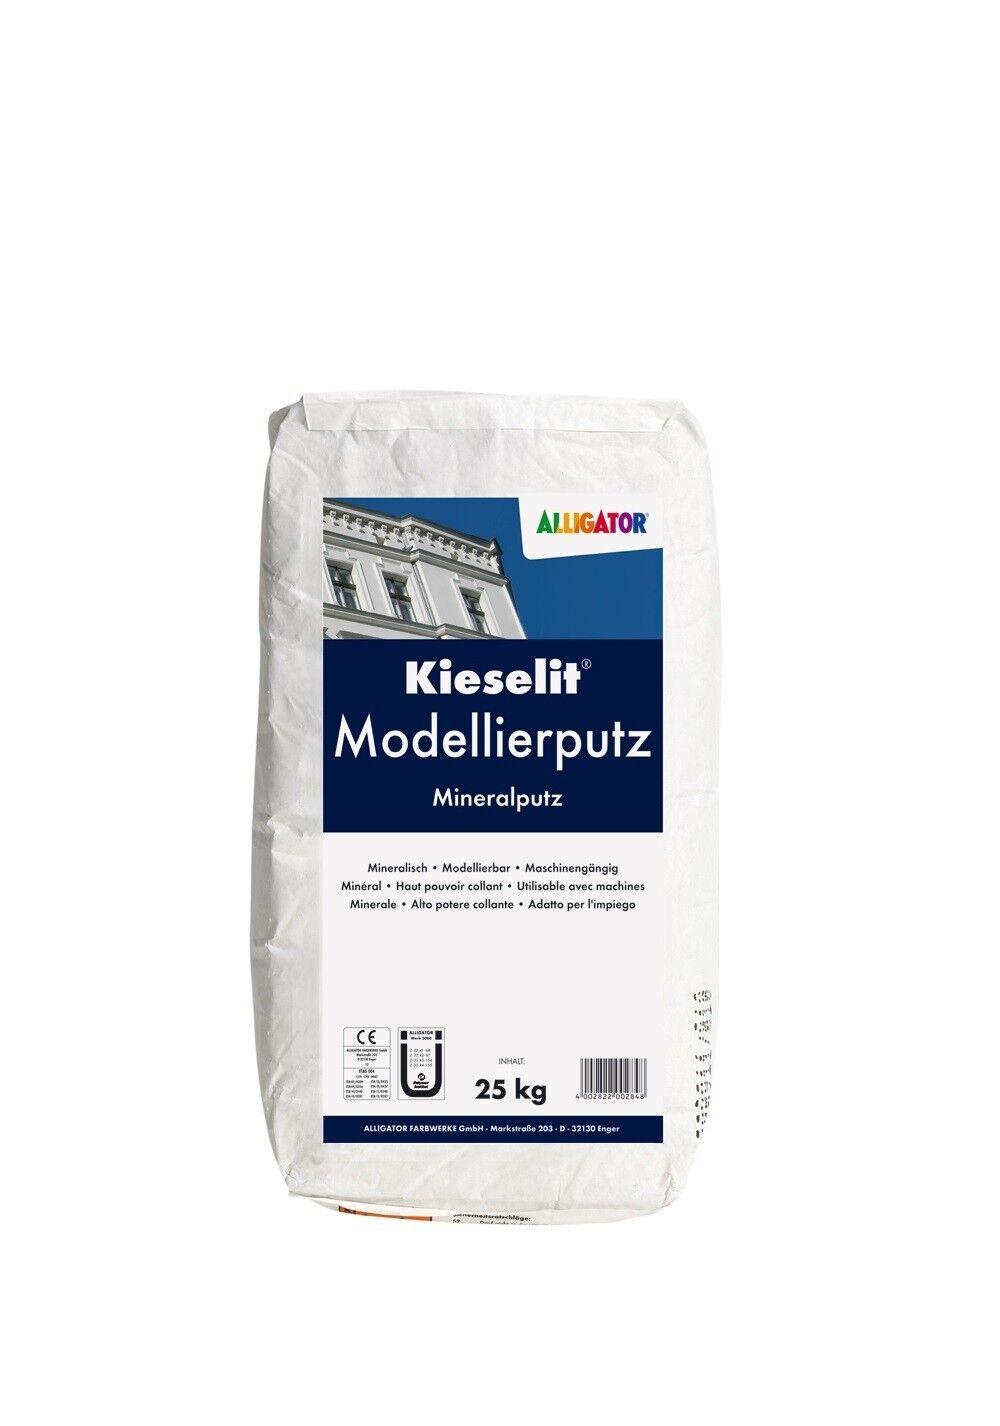 20x Alligator Kieselit-Modellierputz fein 25kg -mineralisch, faserverstärkt-